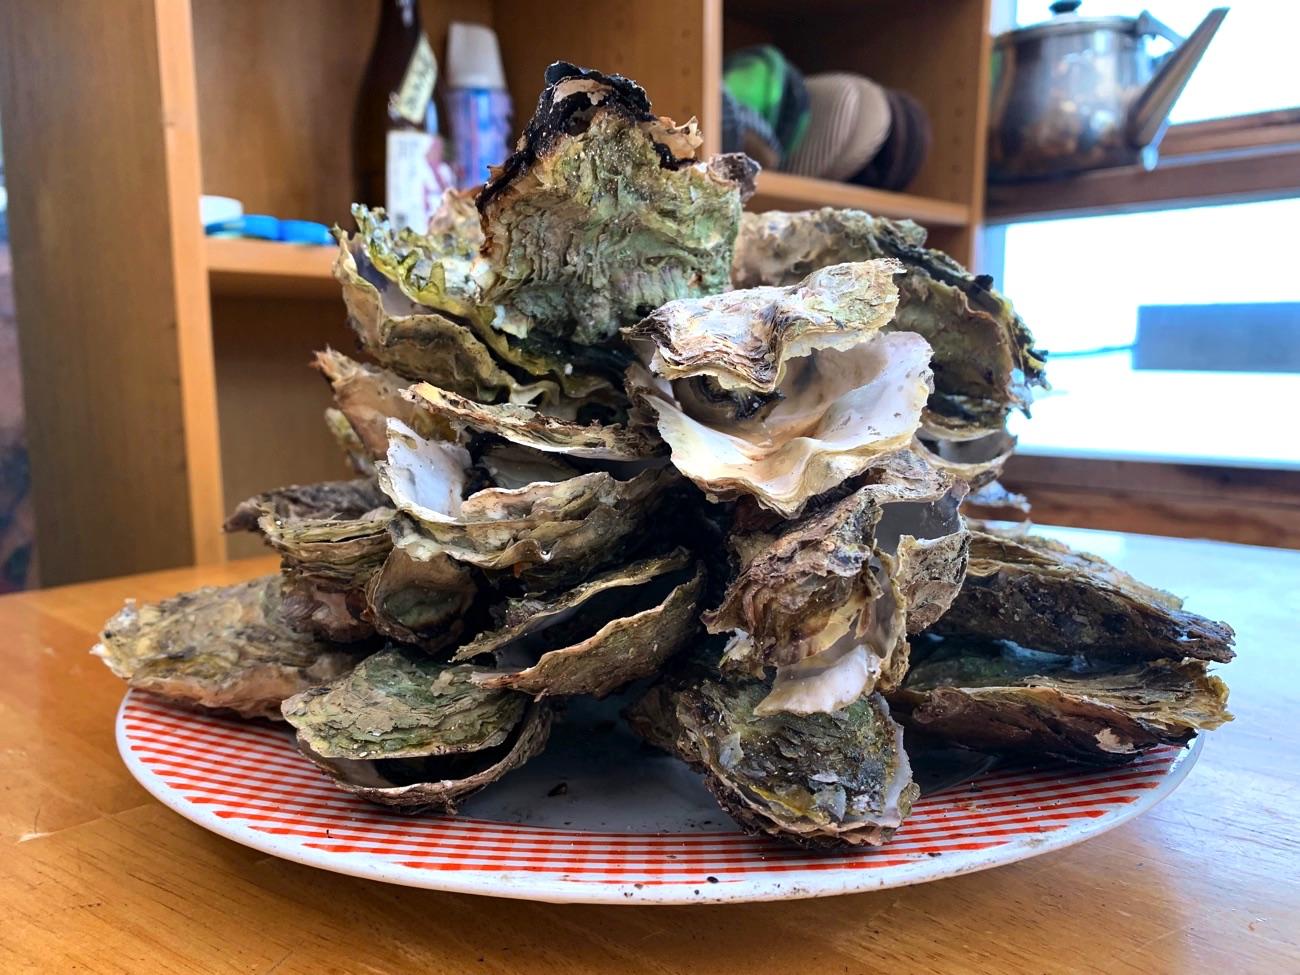 お皿いっぱいに盛られた牡蠣!